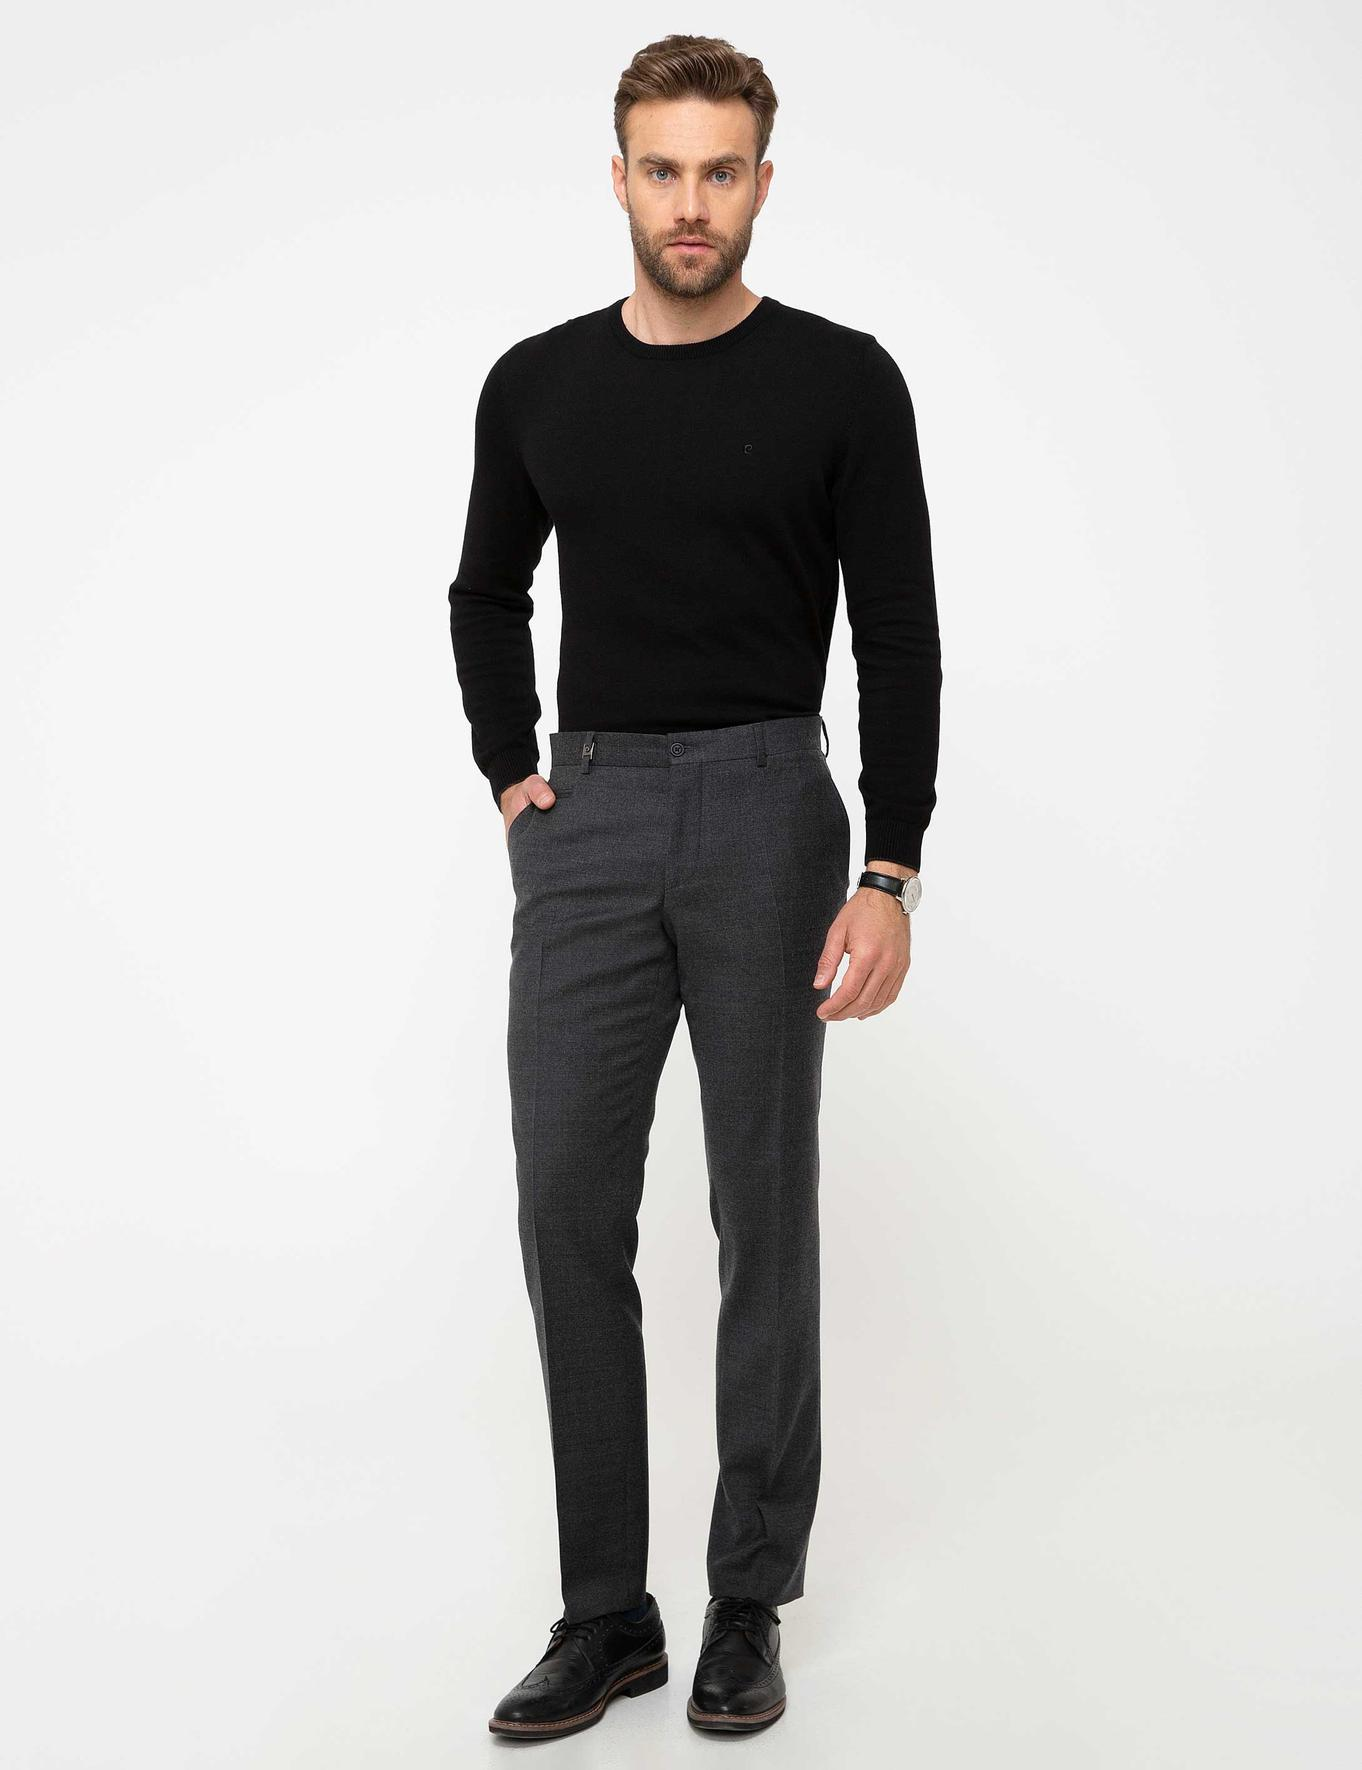 Antrasit Slim Fit Pantolon